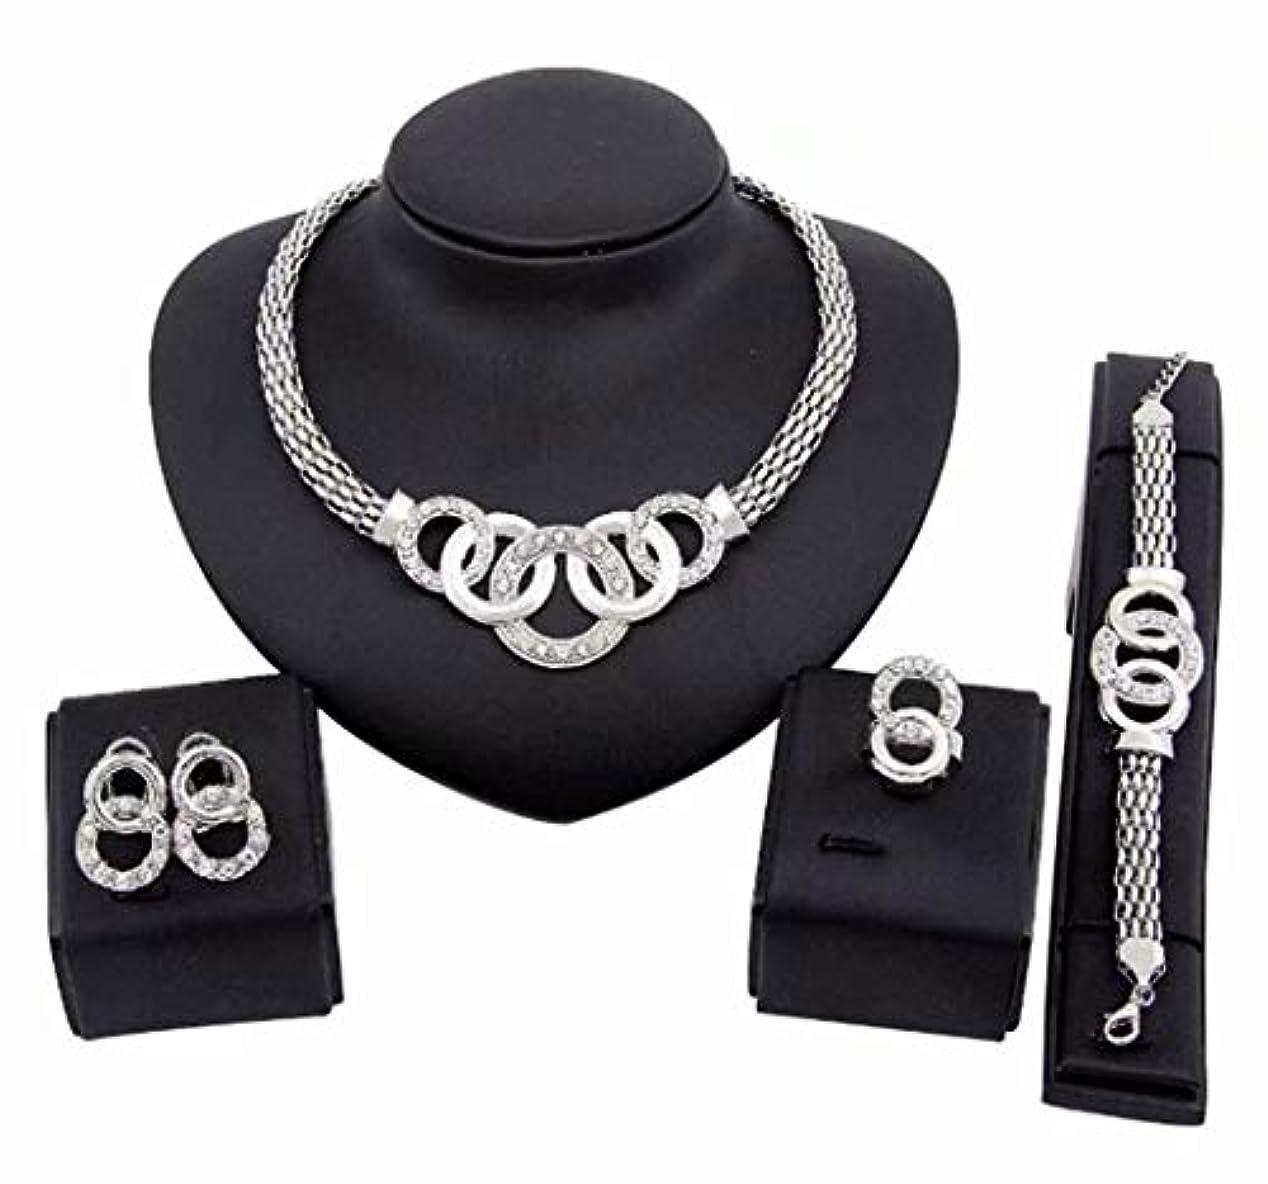 無意味慣れているマザーランド七里の香 ジュエリーセット ダイヤモンド ジルコン ペンダントネックレス & イヤリング & ブレスレット 4点セット